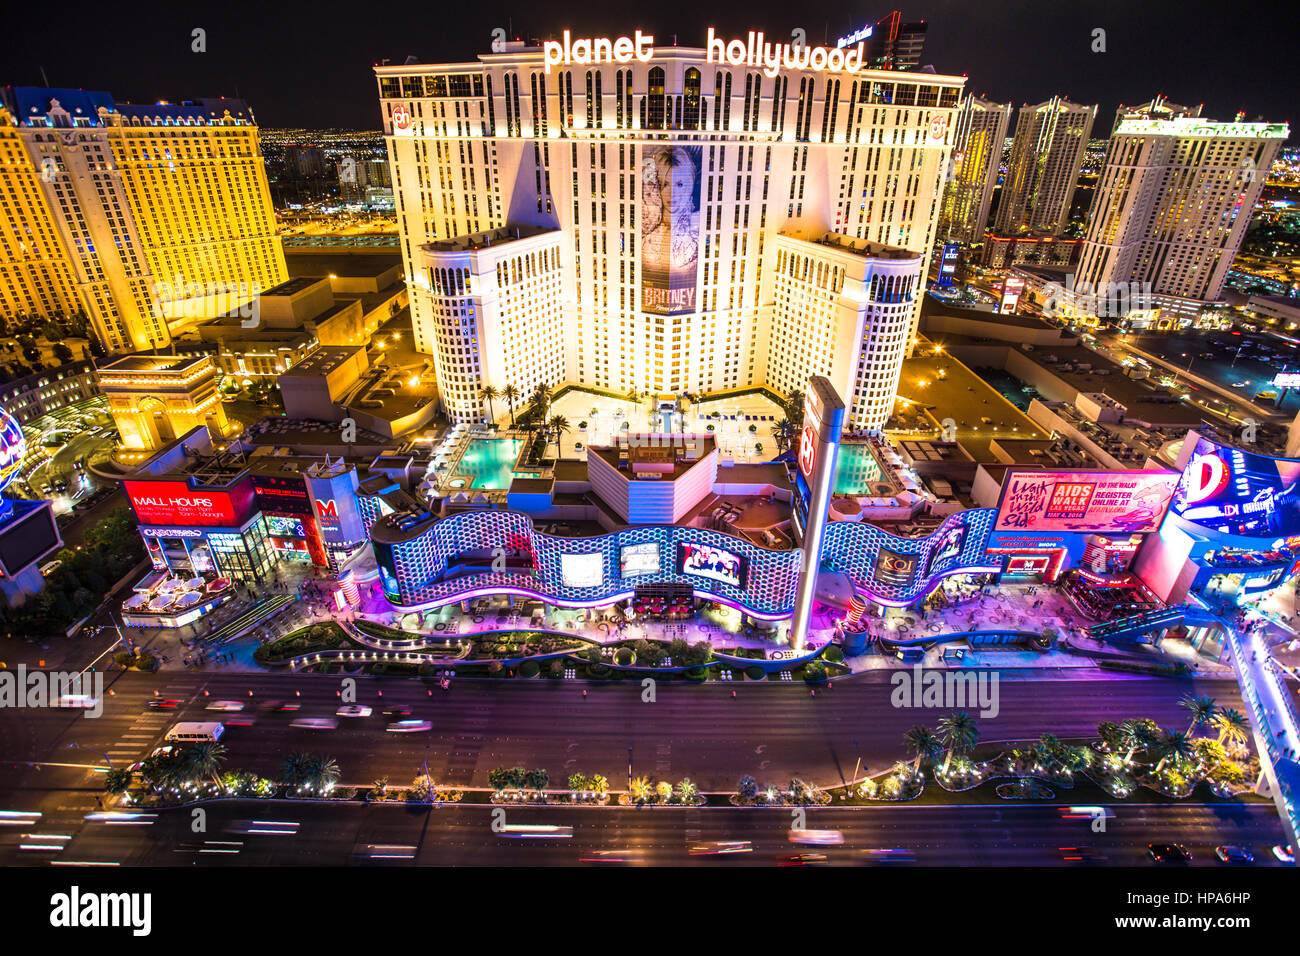 Comme VEGAS, NEVADA - 7 mai 2014: Belle Vue de nuit sur la bande de Las Vegas avec des casinos de villégiature Photo Stock